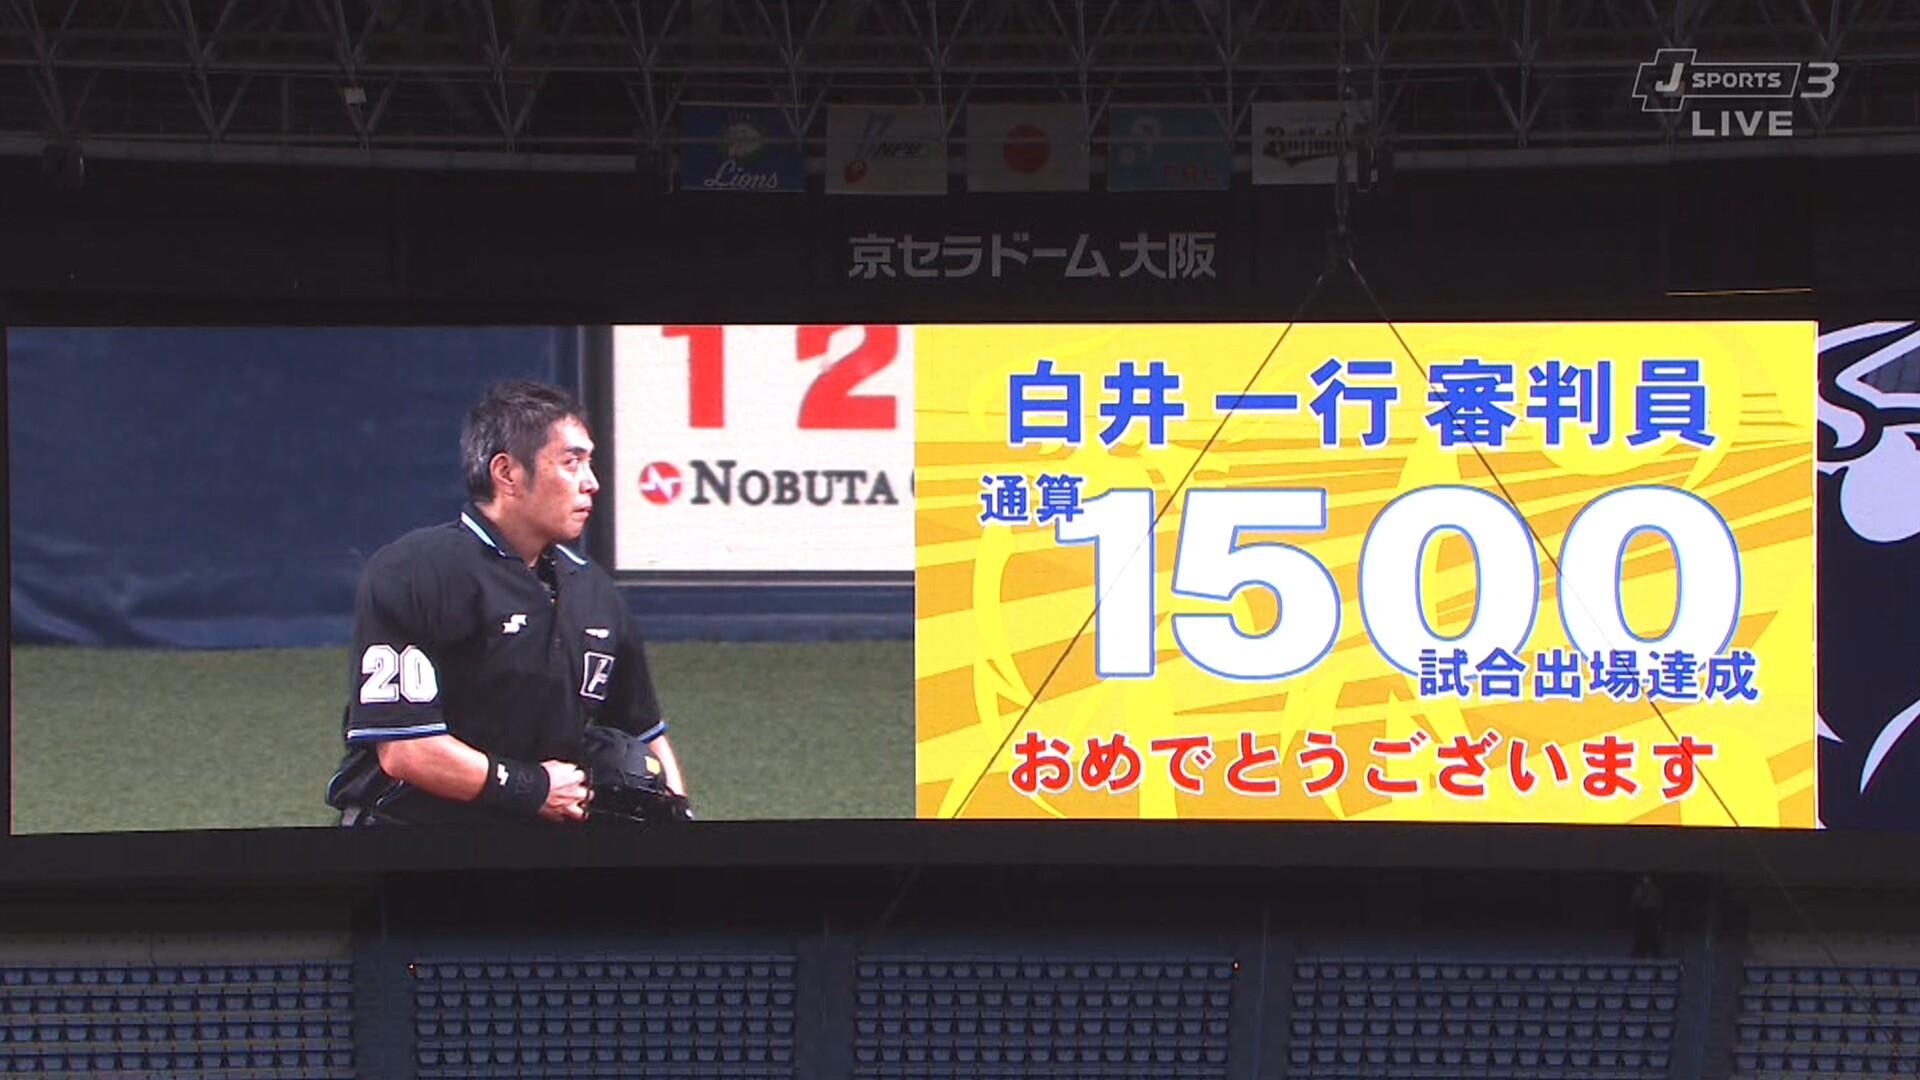 白井一行審判員が通算1500試合出場達成 おめでとうございます